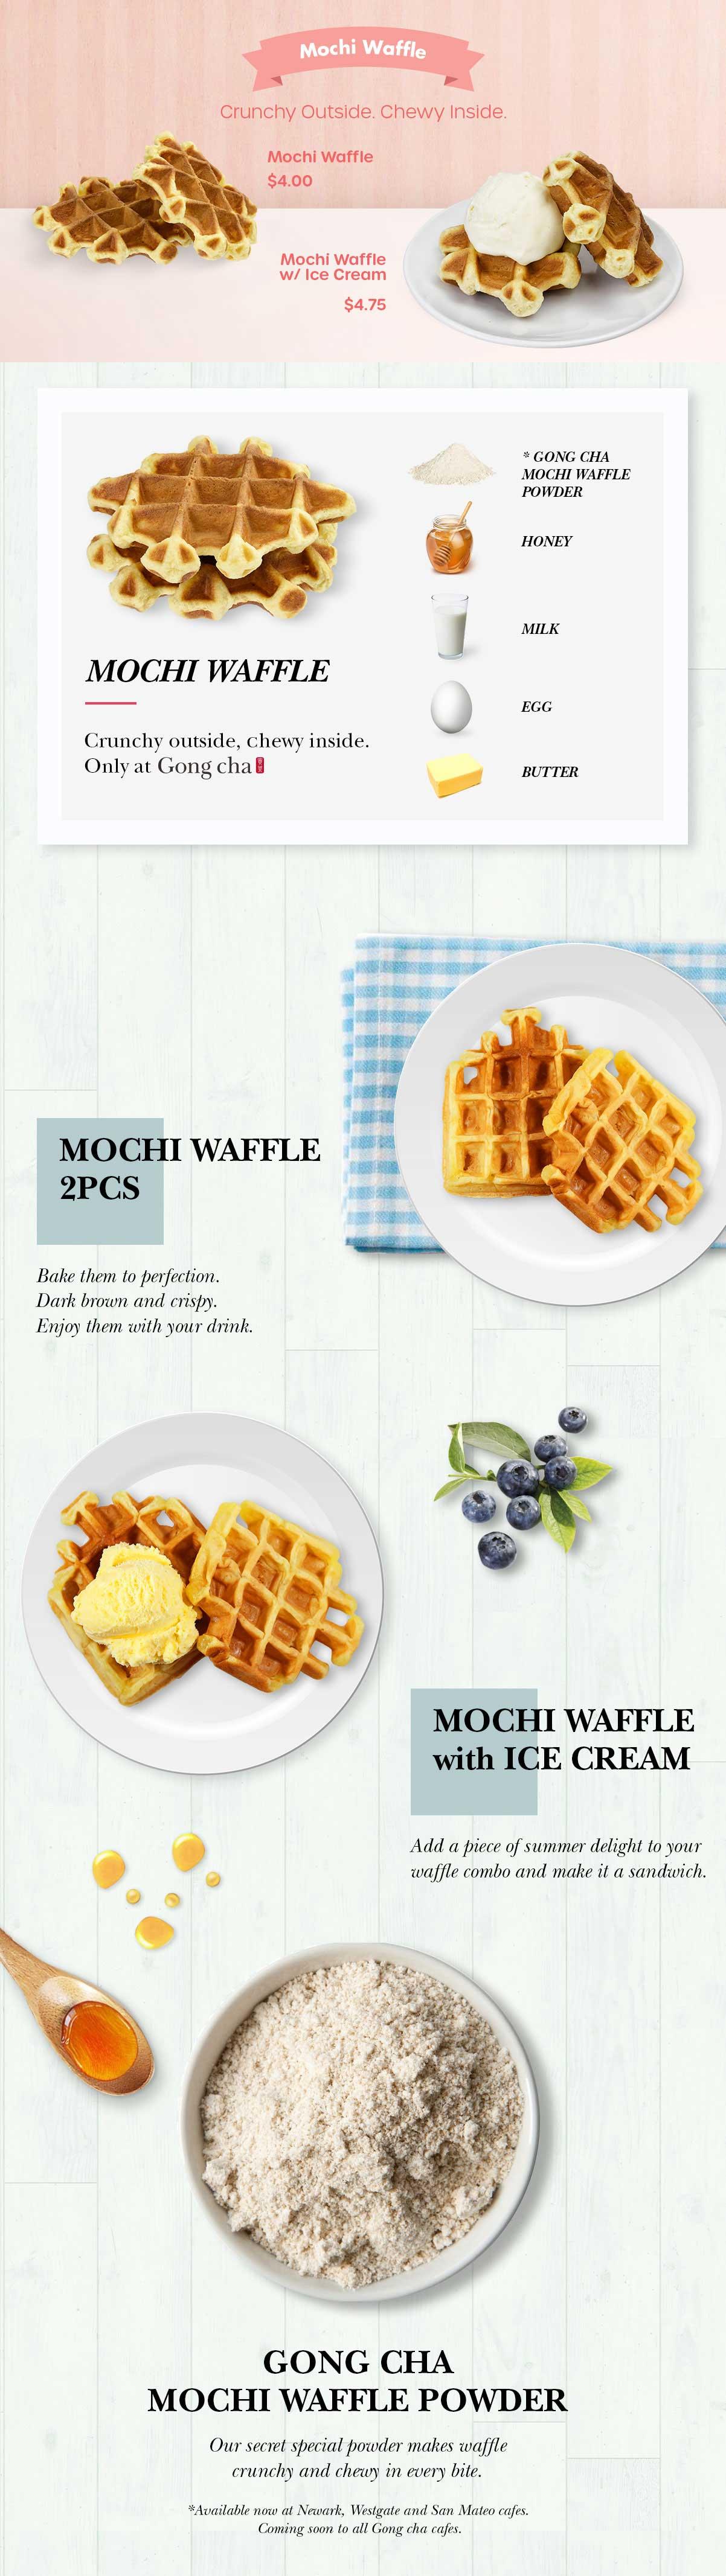 Mochi Waffle - Crunchy outside, chewy inside.